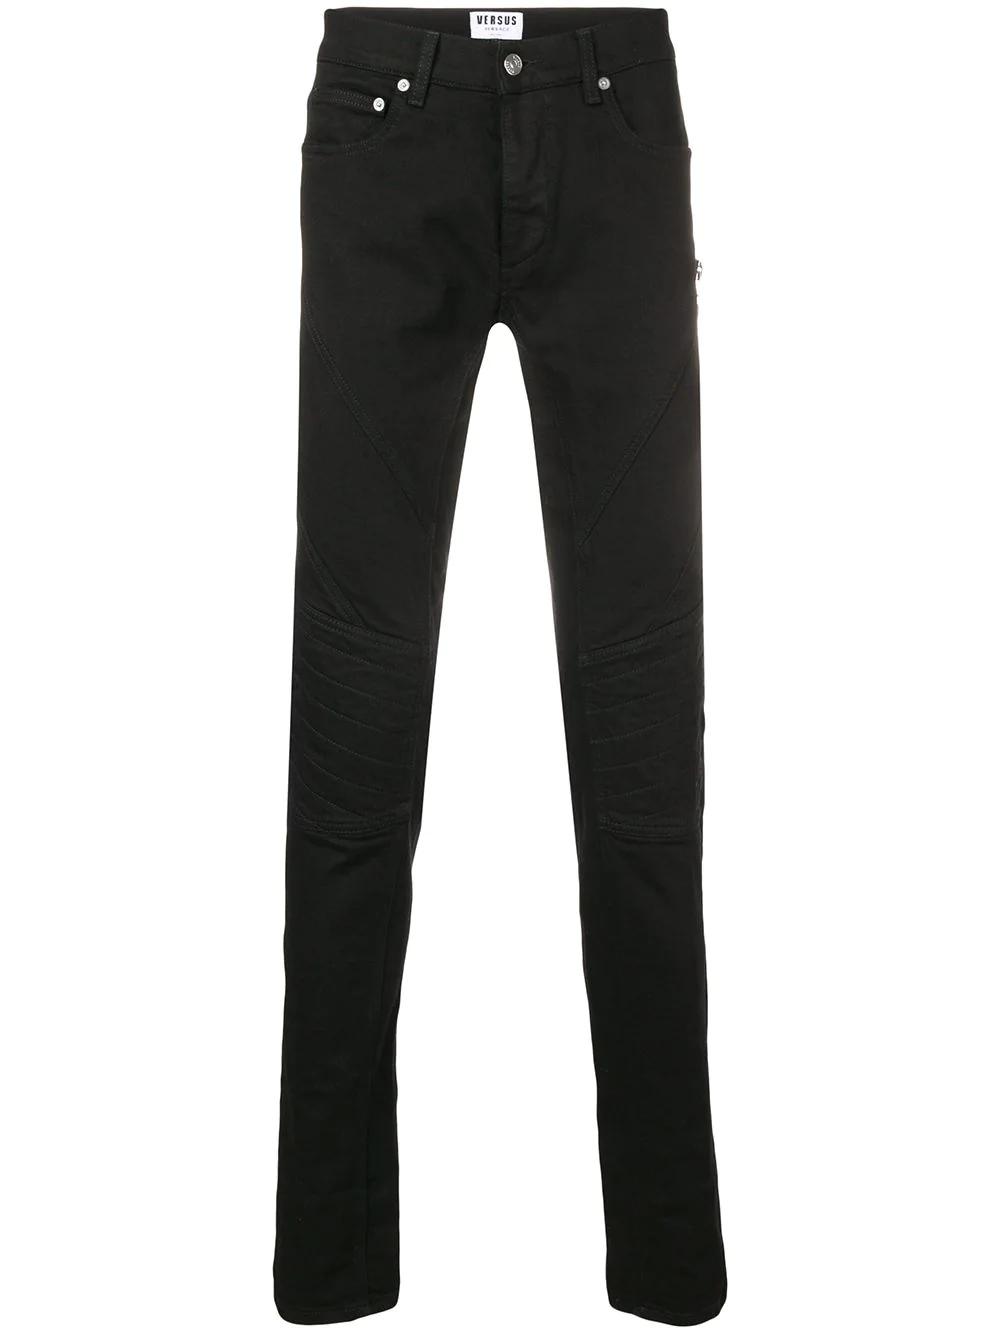 Versus | джинсы кроя слим | Clouty